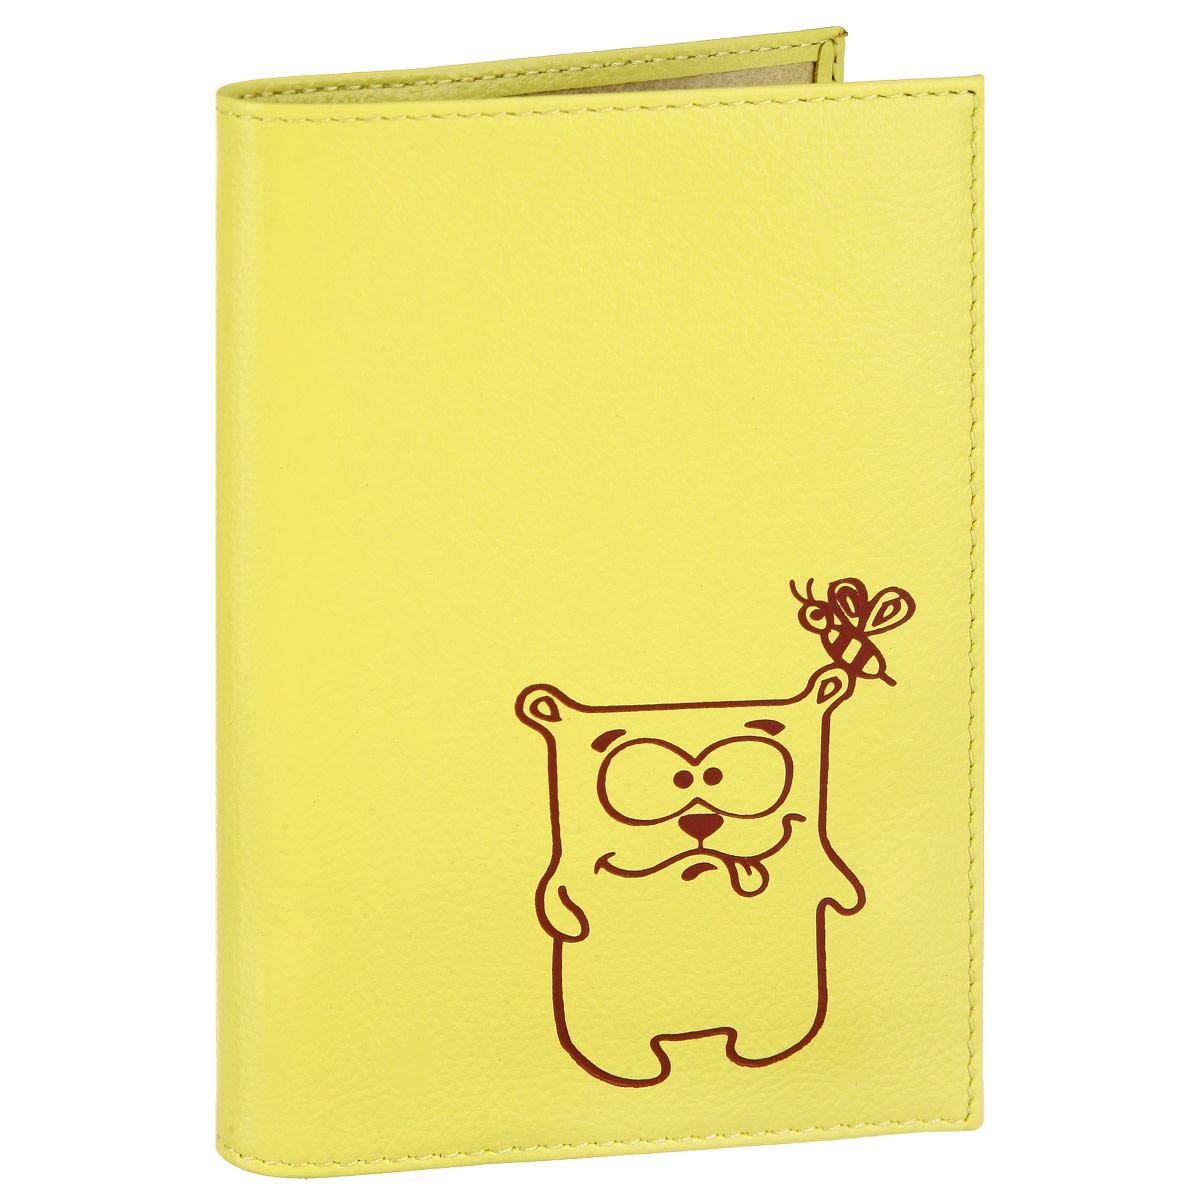 Обложка для паспорта Fabula Friends цвет: лимонный. O.30.CHO.30.CH. лимонСтильная обложка для паспорта Fabula Friends выполнена из натуральной кожи с зернистой текстурой, оформлена художественной печатью с изображением забавного медвежонка. Обложка для паспорта раскладывается пополам, внутри расположены два пластиковых кармашка. Такая обложка для паспорта станет прекрасным и стильным подарком человеку, любящему оригинальные и практичные вещи.